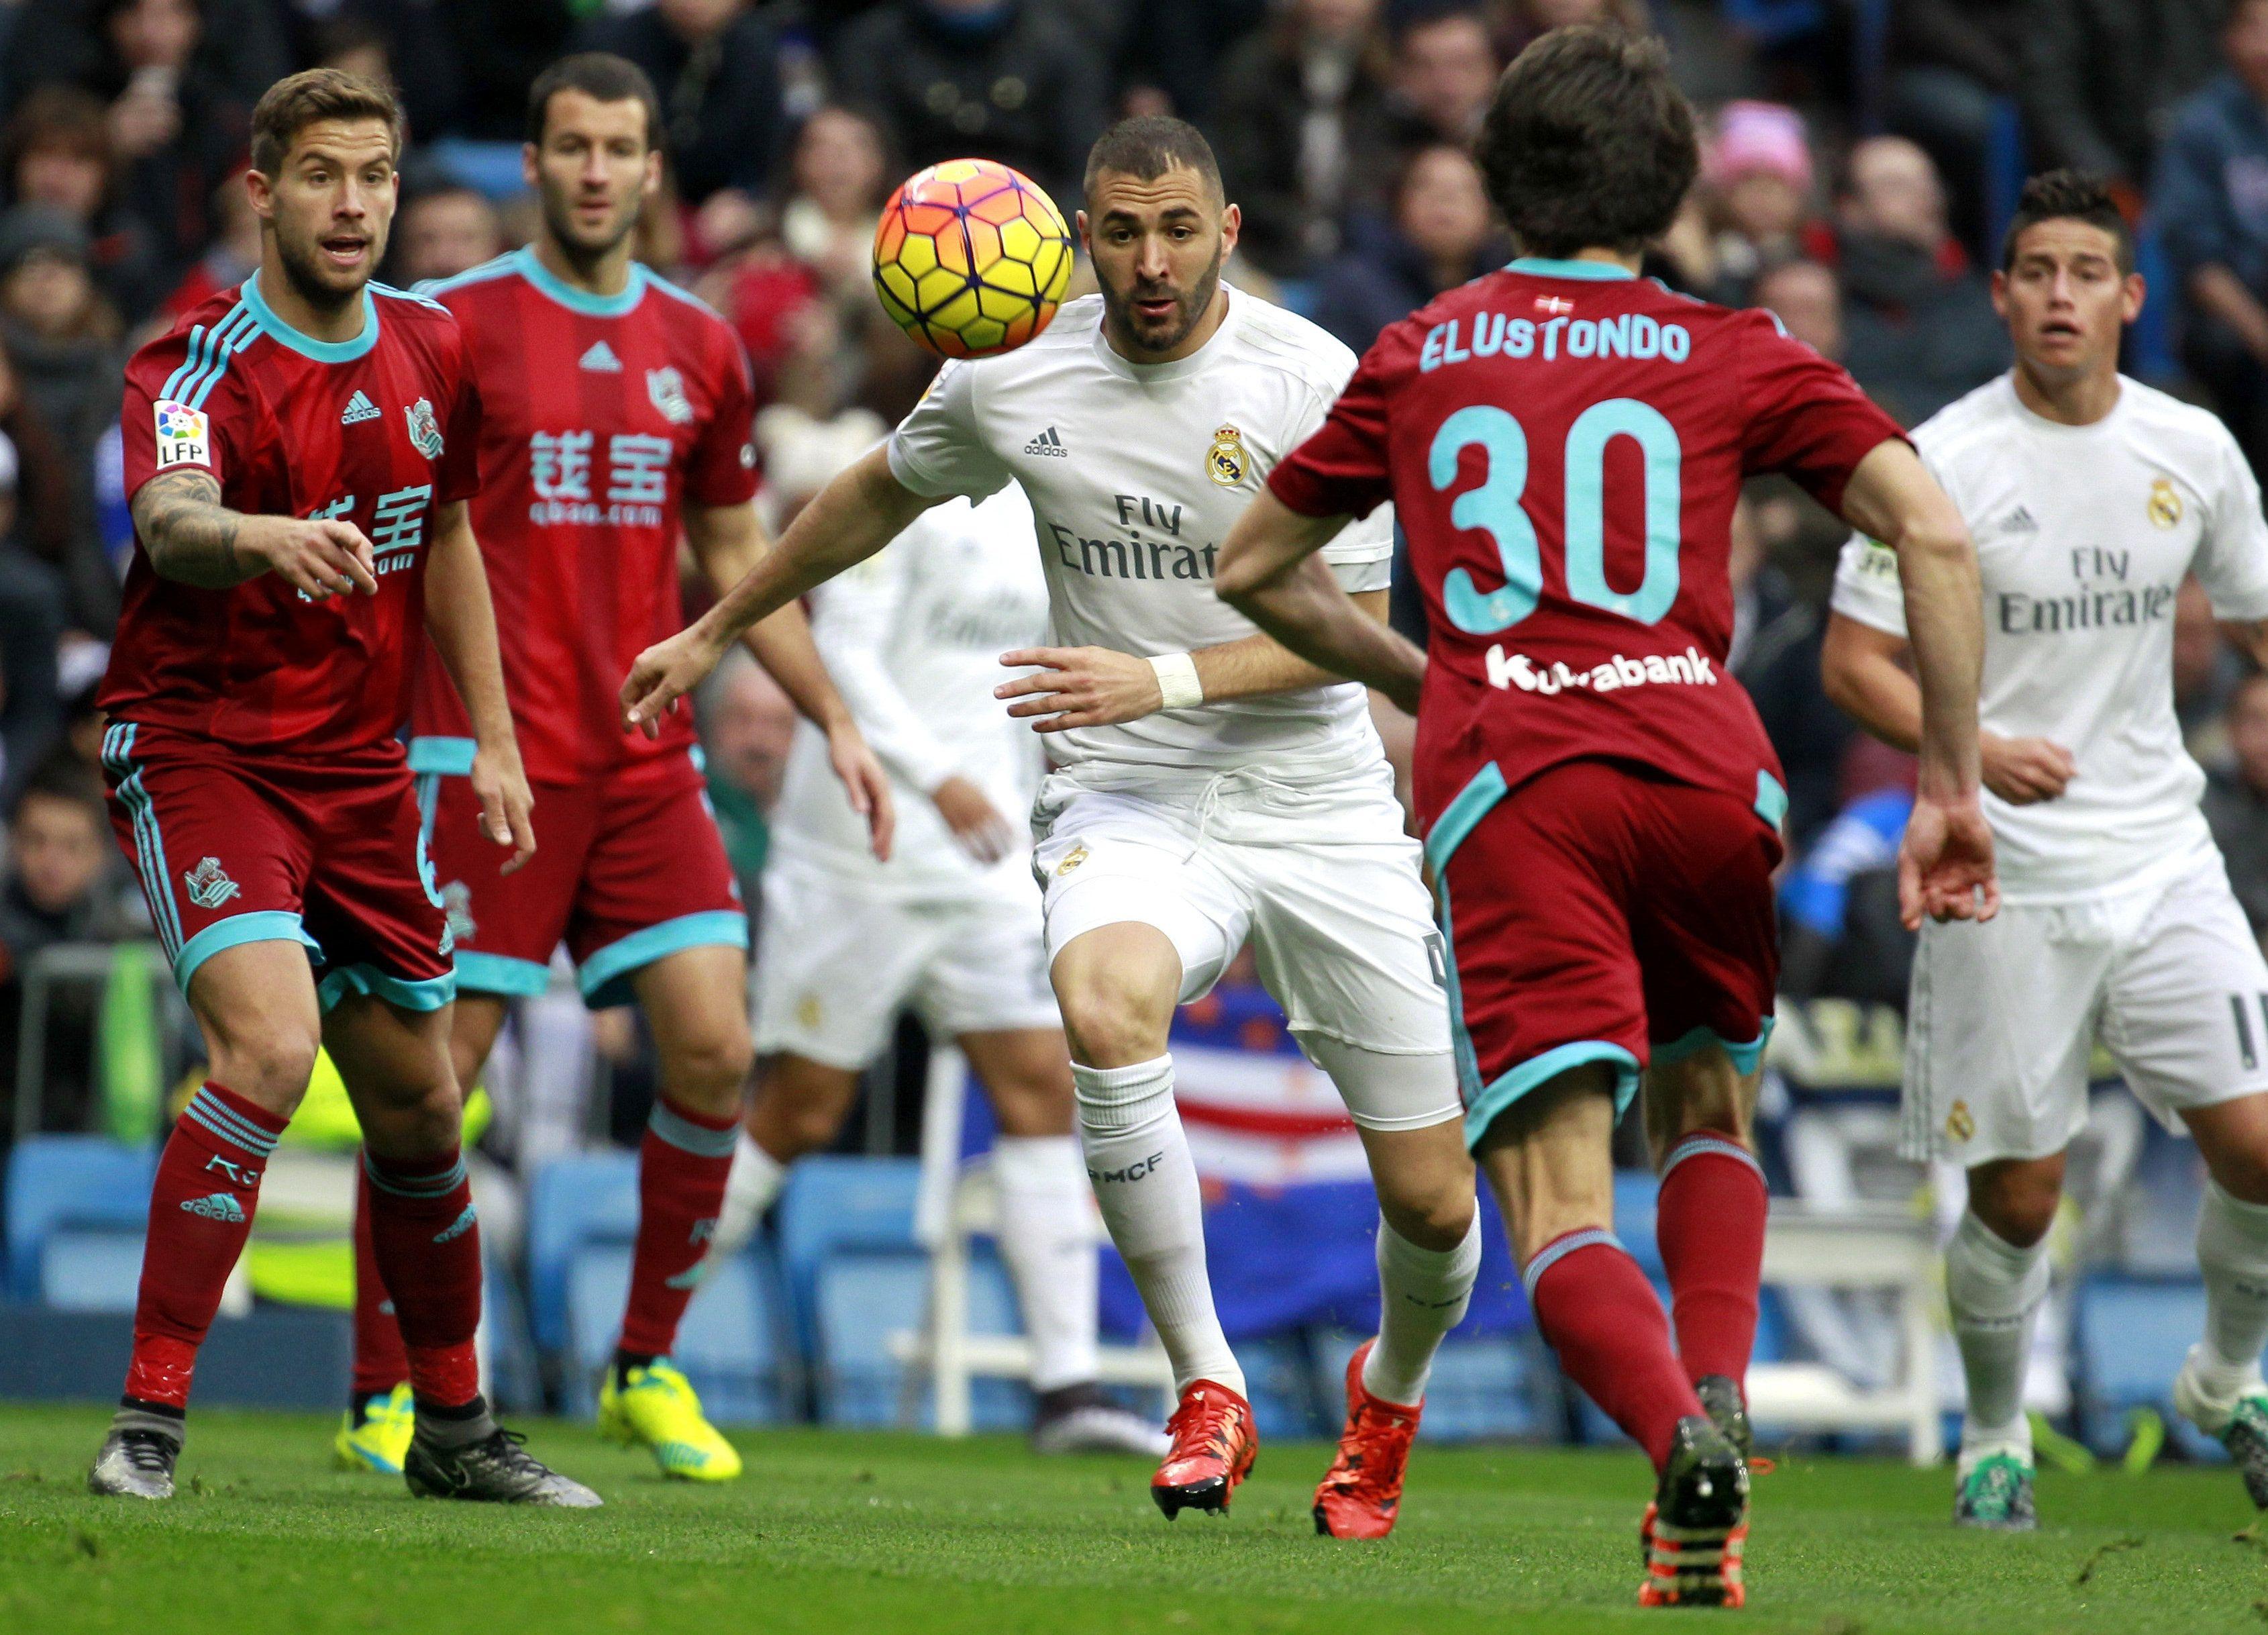 Con sufrimiento, Real Madrid venció a la Real Sociedad